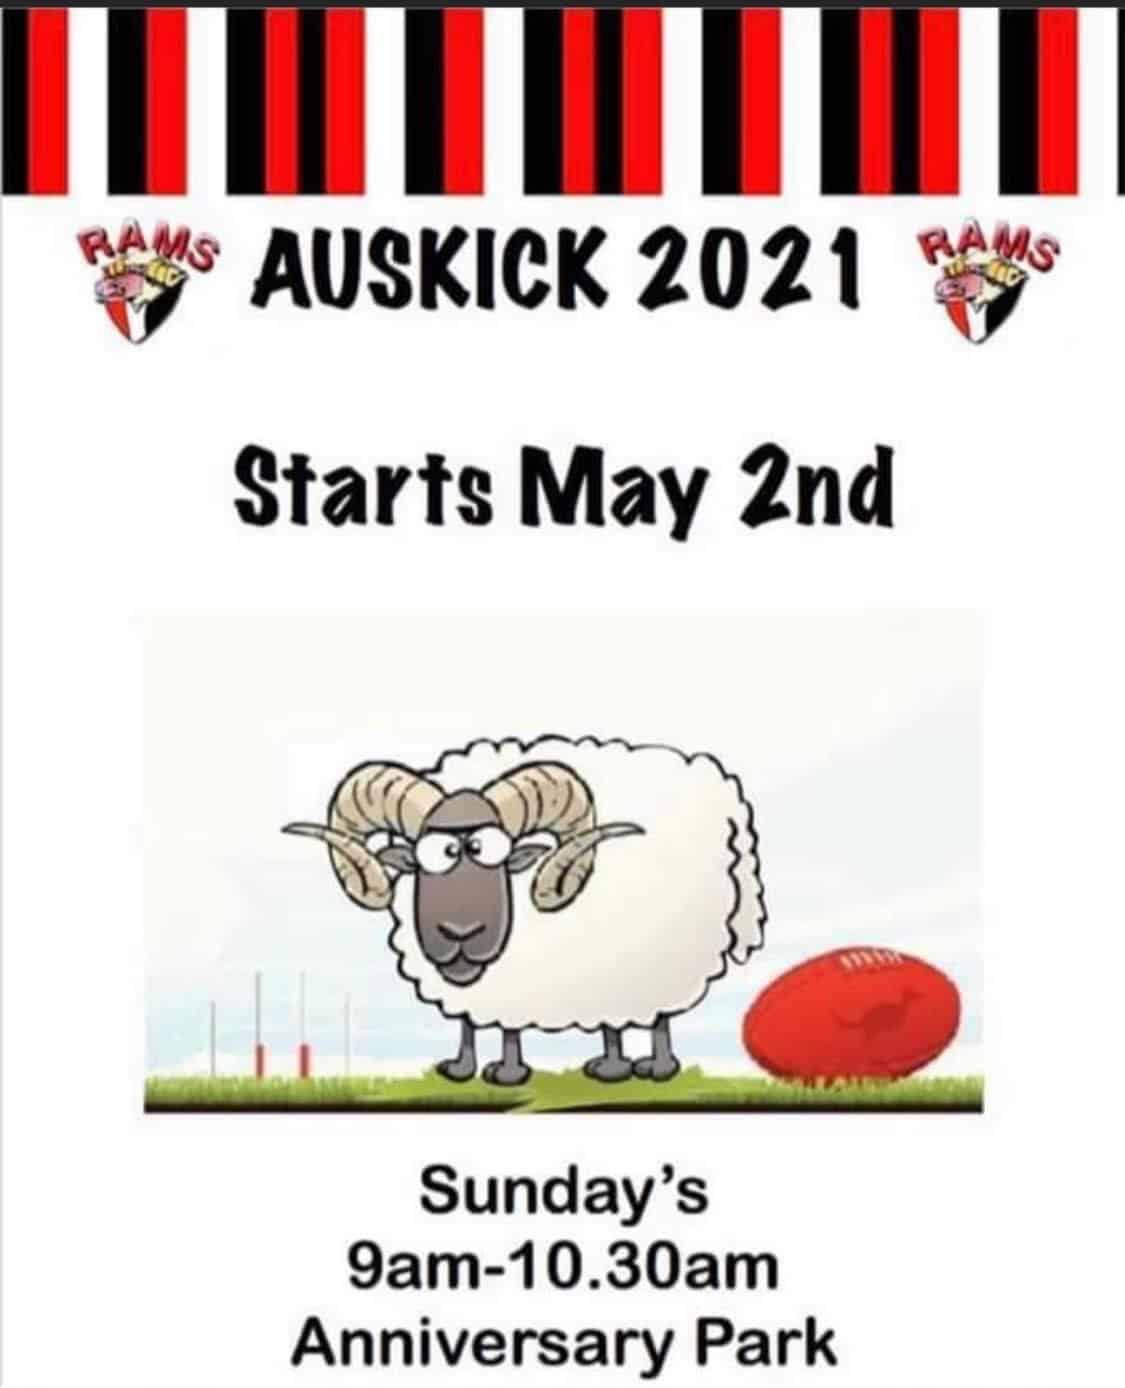 Auskick 2021 starts @ Anniversary Park